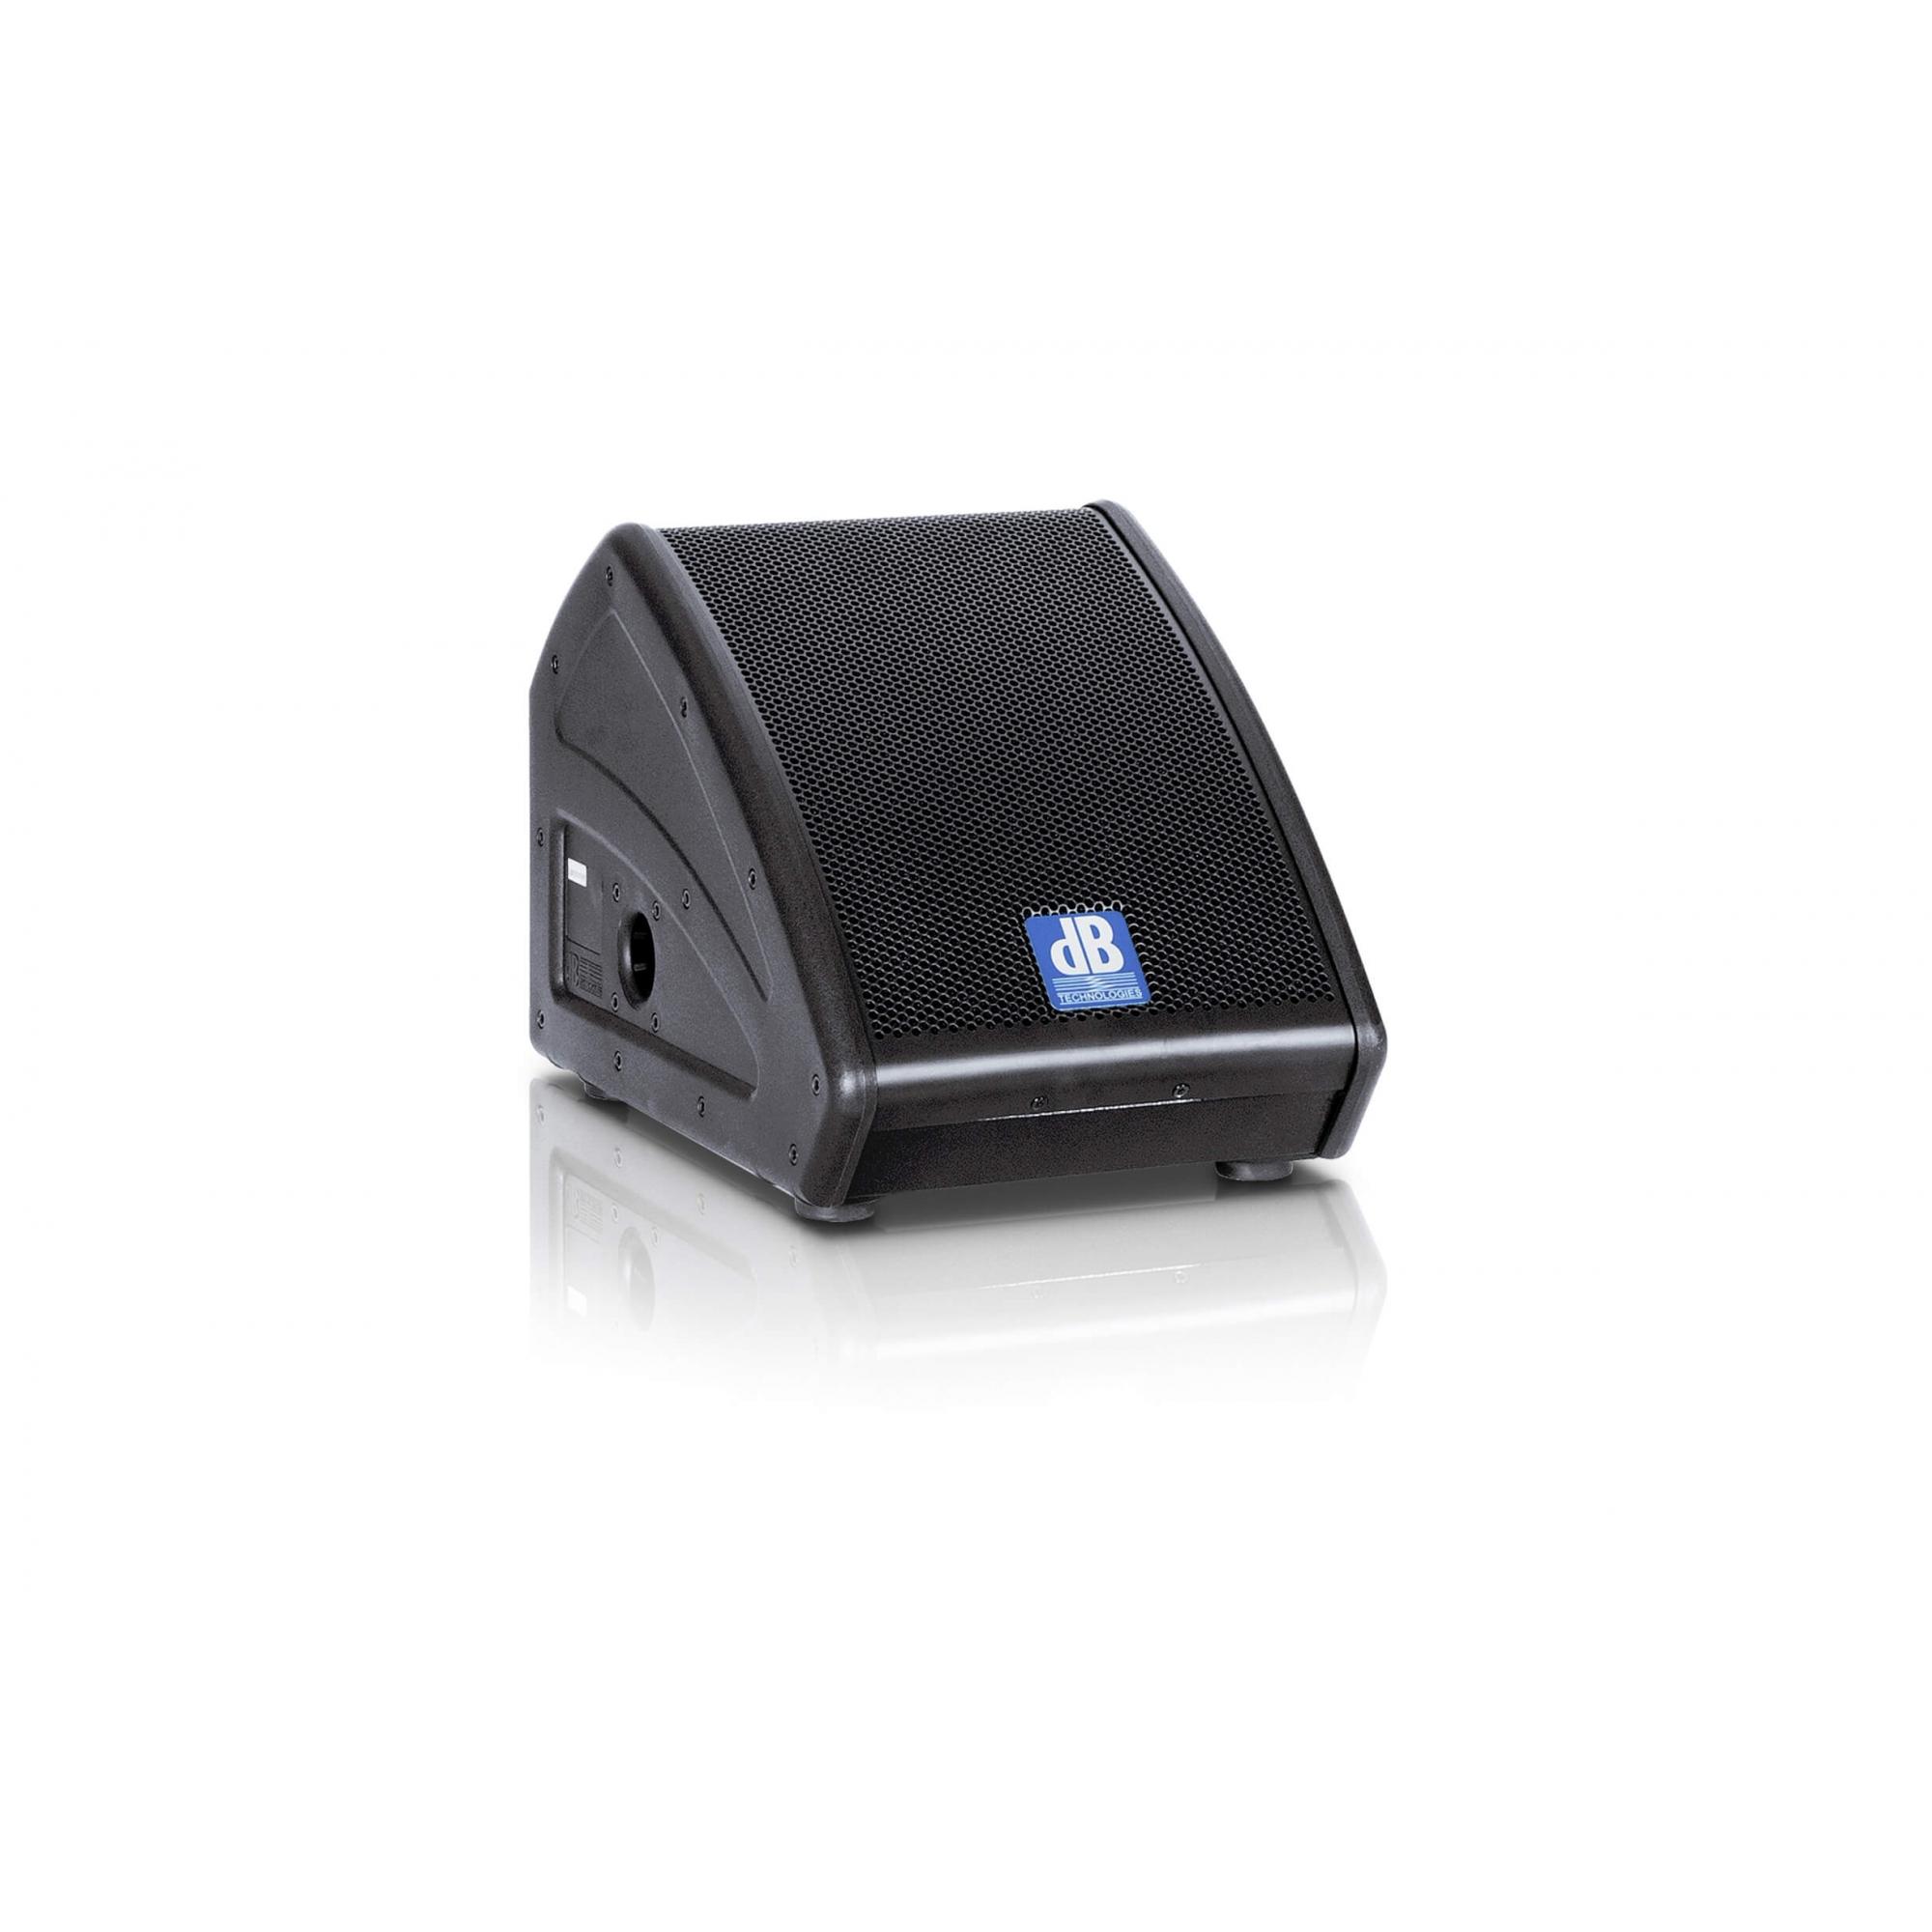 DB Technologies FlexSys FM8 Caixa Retorno Ativa de 8 polegadas 400W ( 110V )  - Audio Video & cia